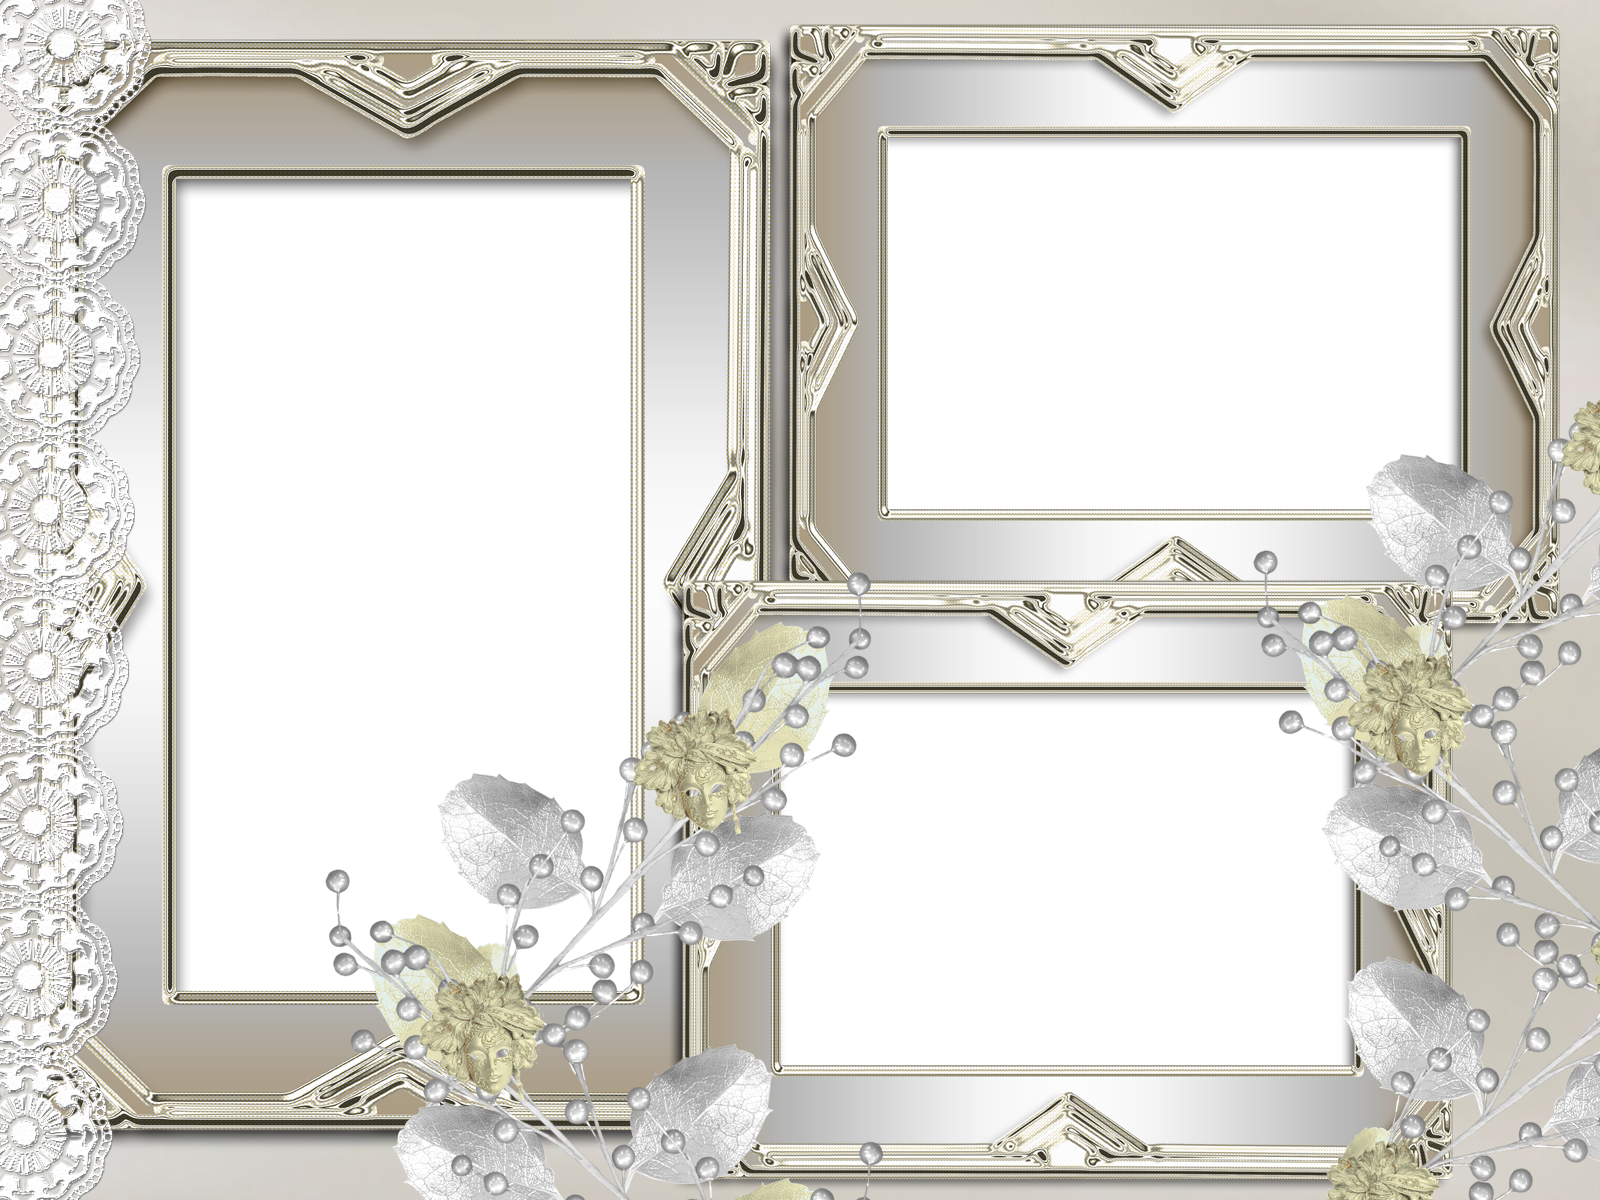 рамочки для свадебных фотографий коллажи такому